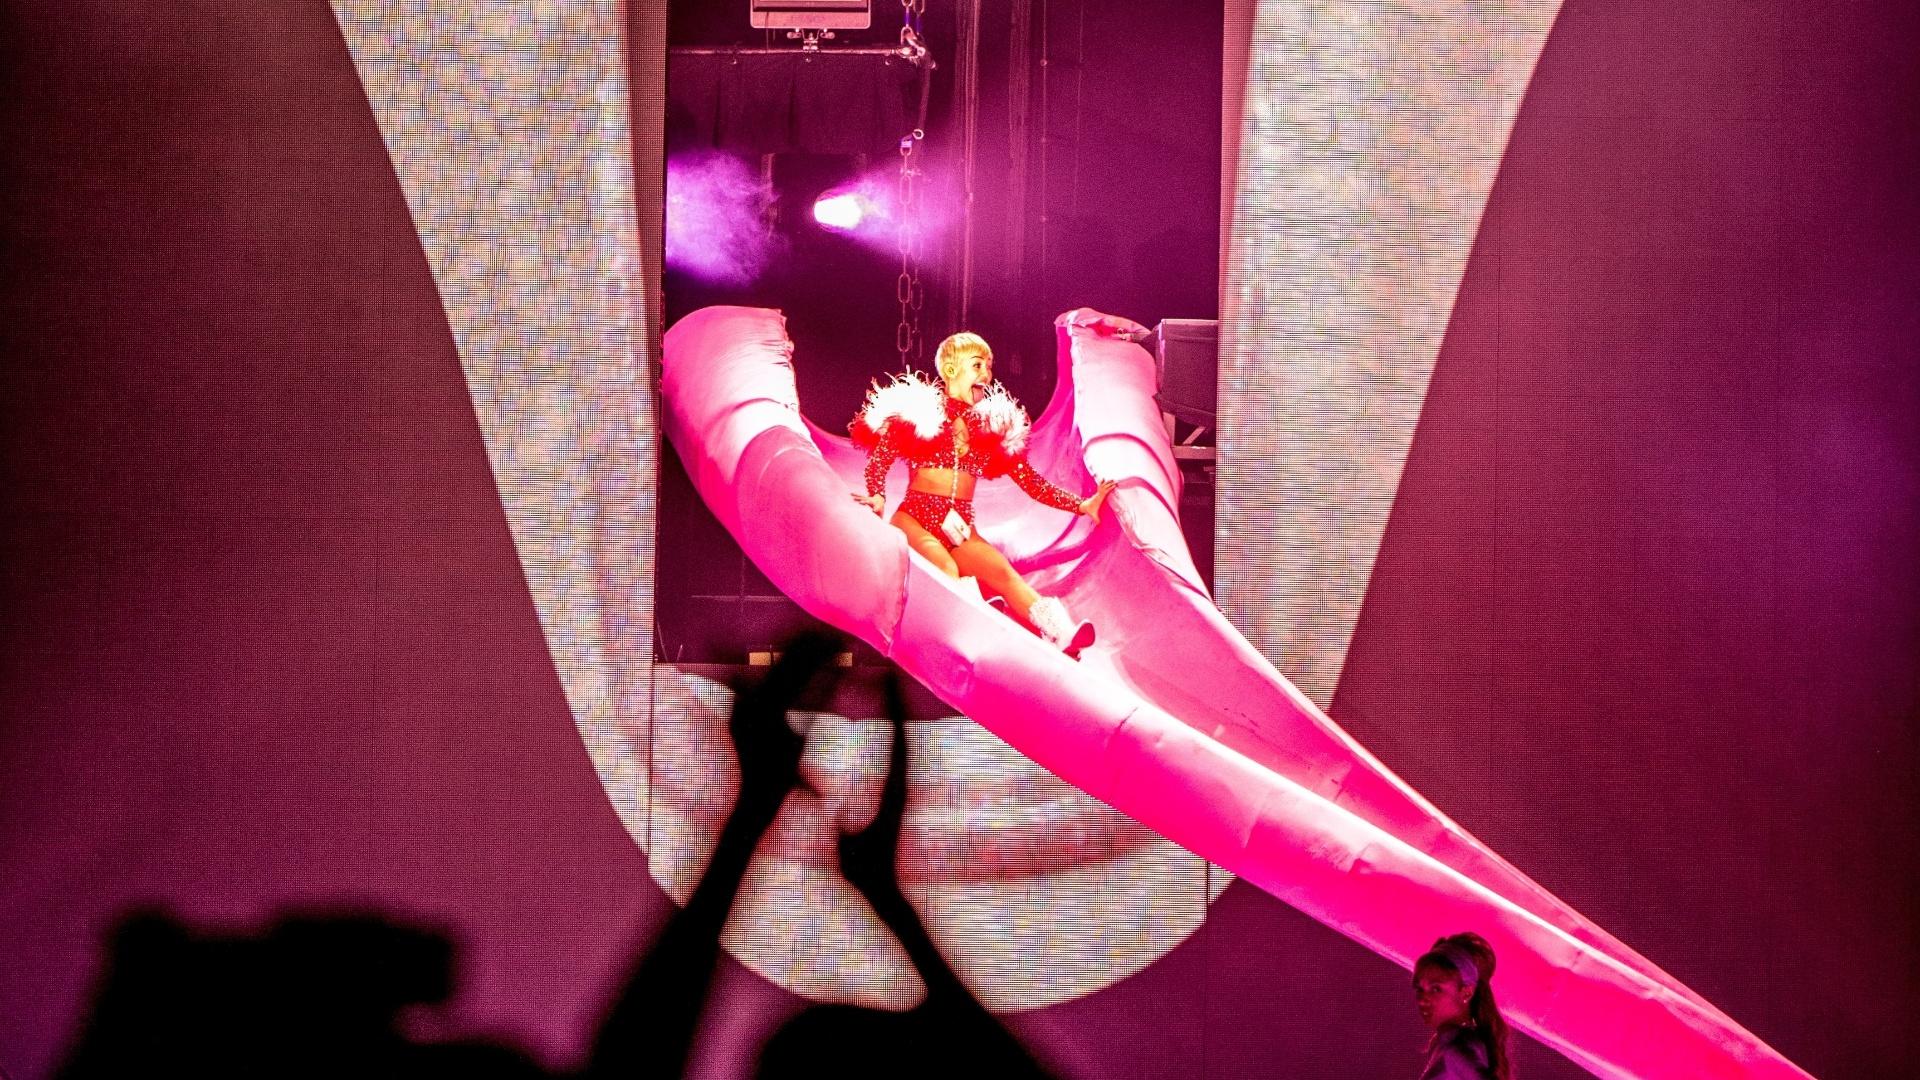 20.fev.2014 - Miley Cyrus brinca de escorregador durante show da Bangerz Turnê em Anaheim, na California